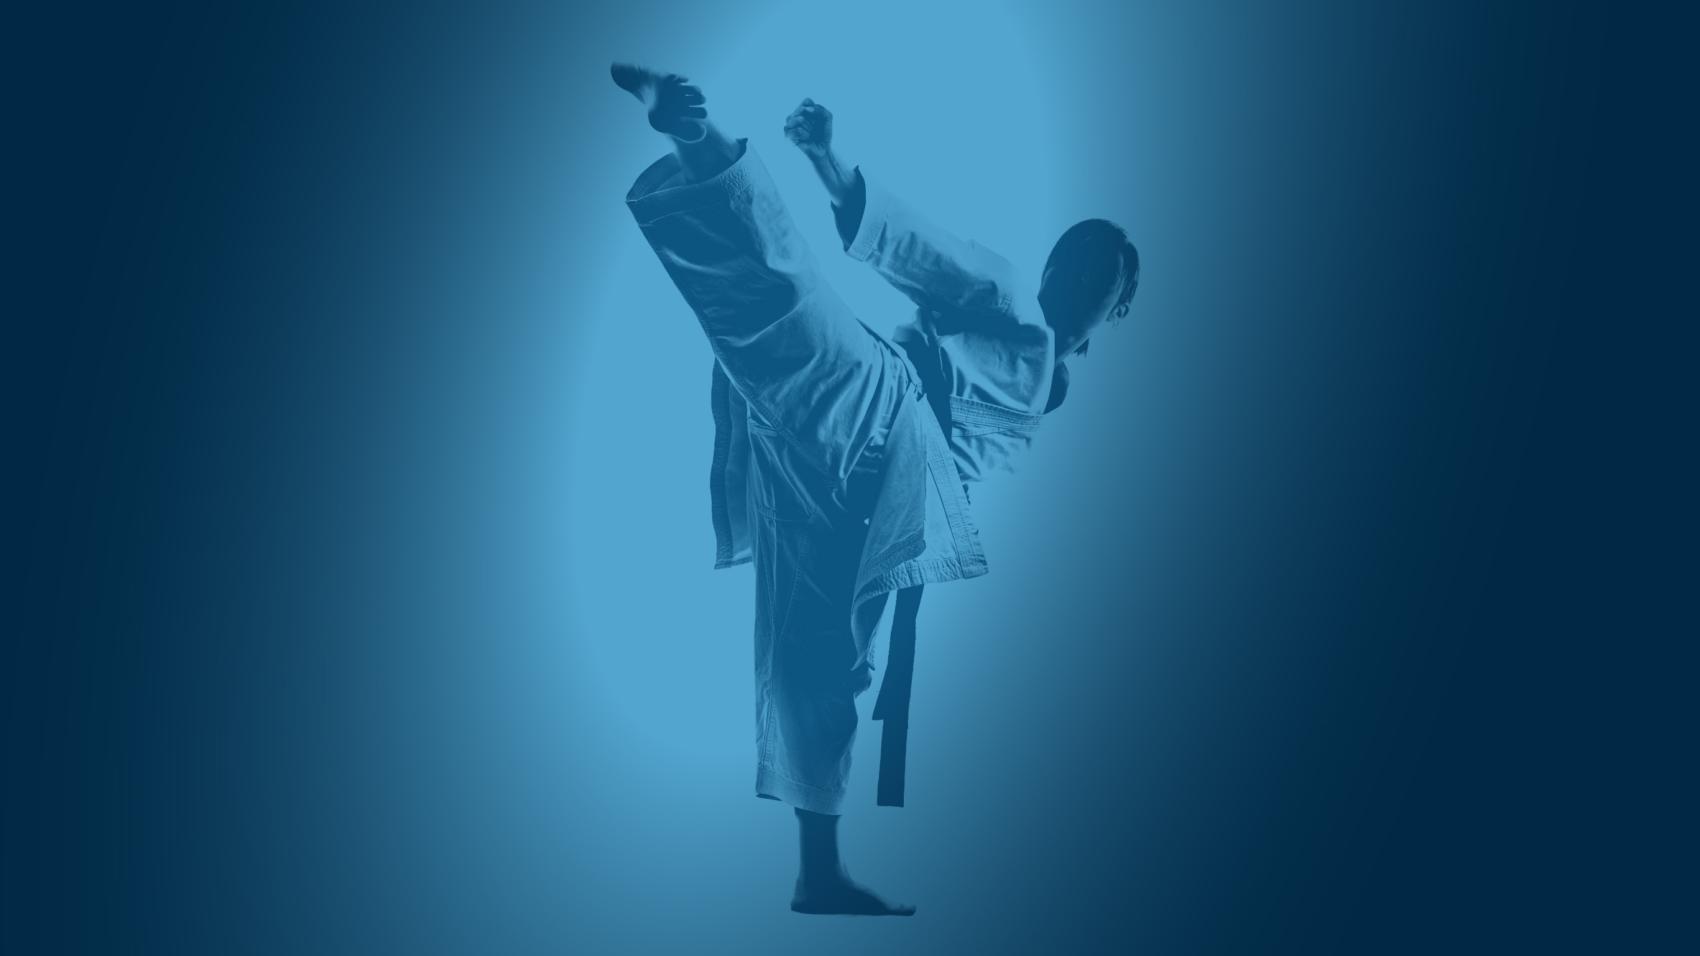 Sanokai BG Kampfsport